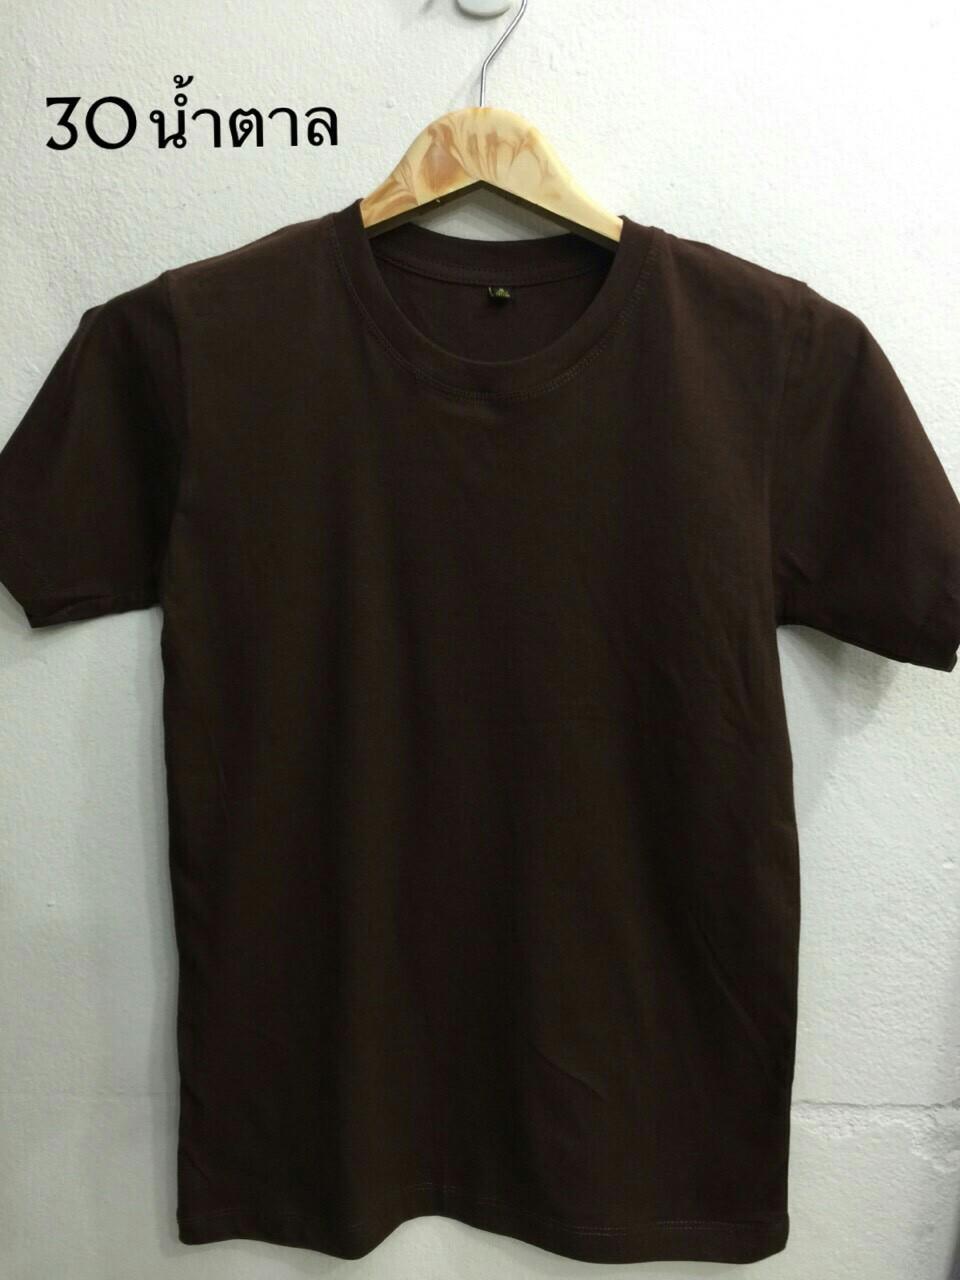 เสื้อ Cotton สีน้ำตาล ไซส์ S,M,L